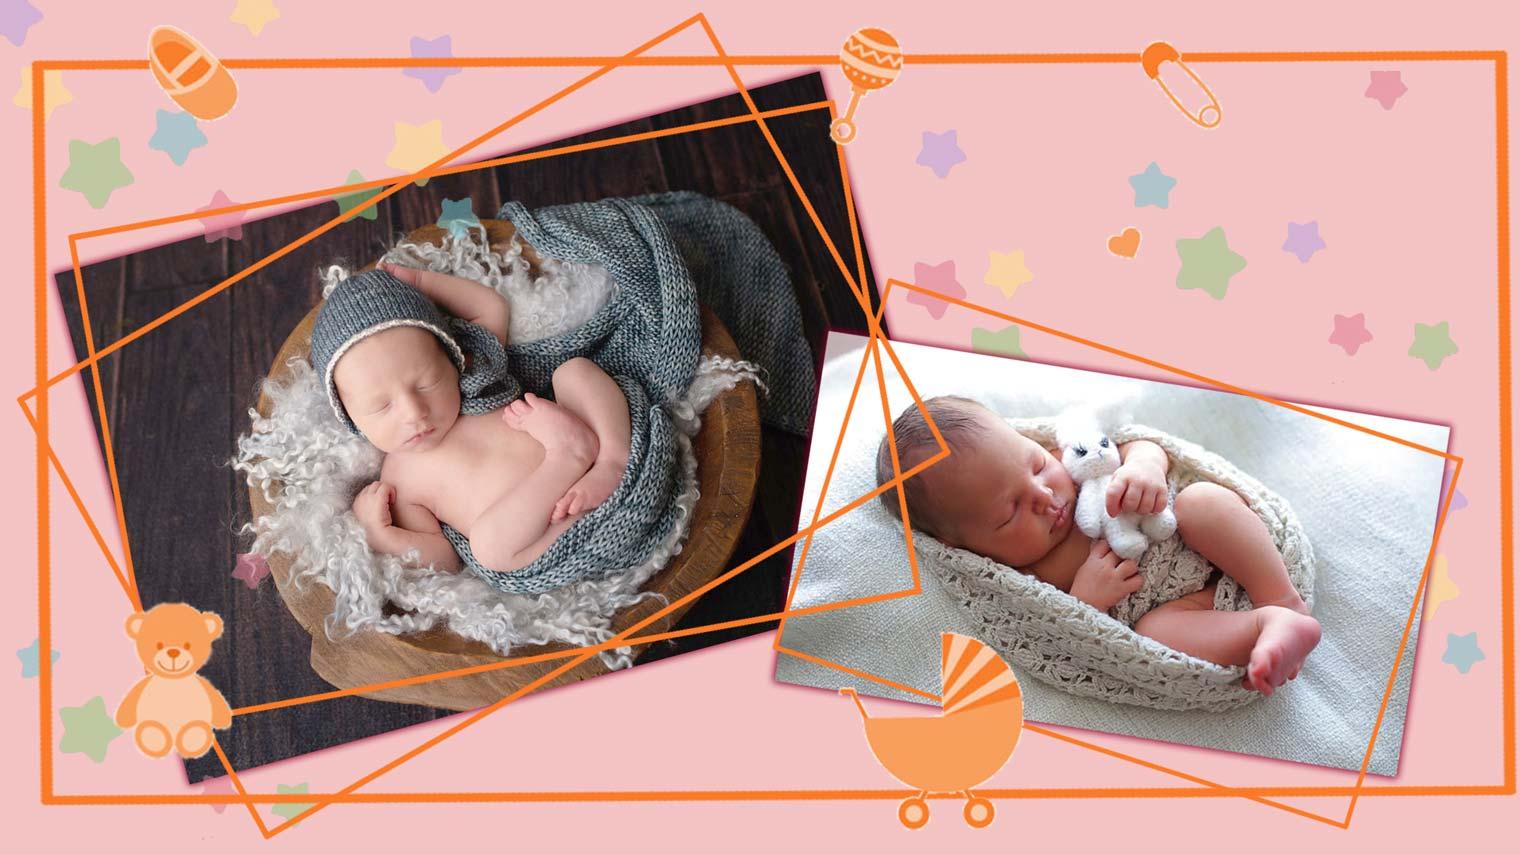 baby photography 4 - نکات عکاسی از کودک و نوزاد